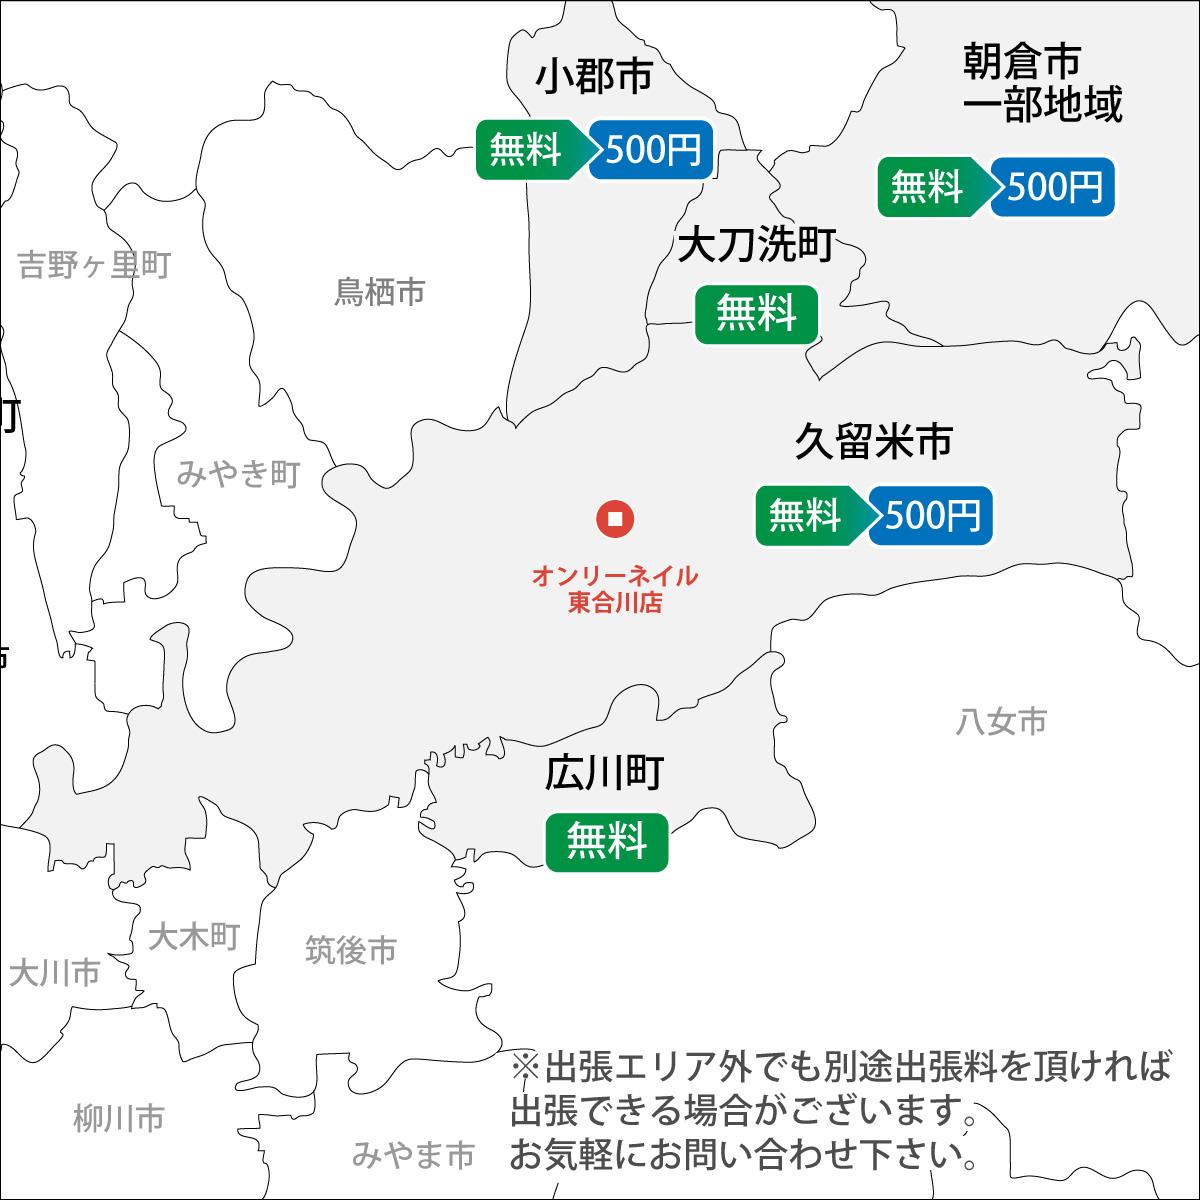 東合川店、出張エリア地図